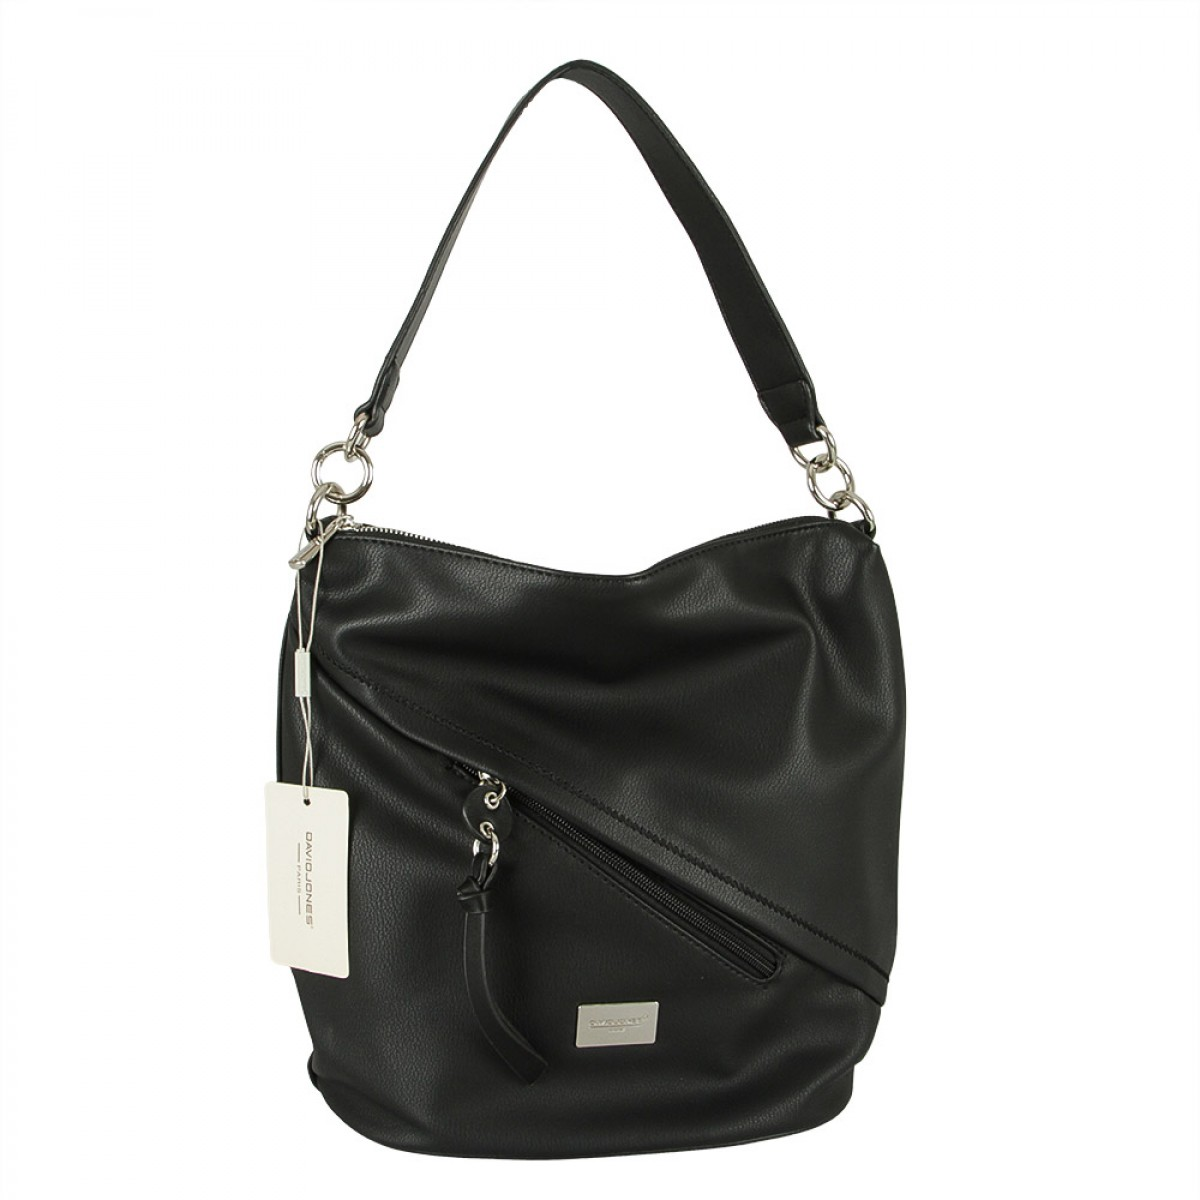 Жіноча сумка David Jones  6265-1 BLACK